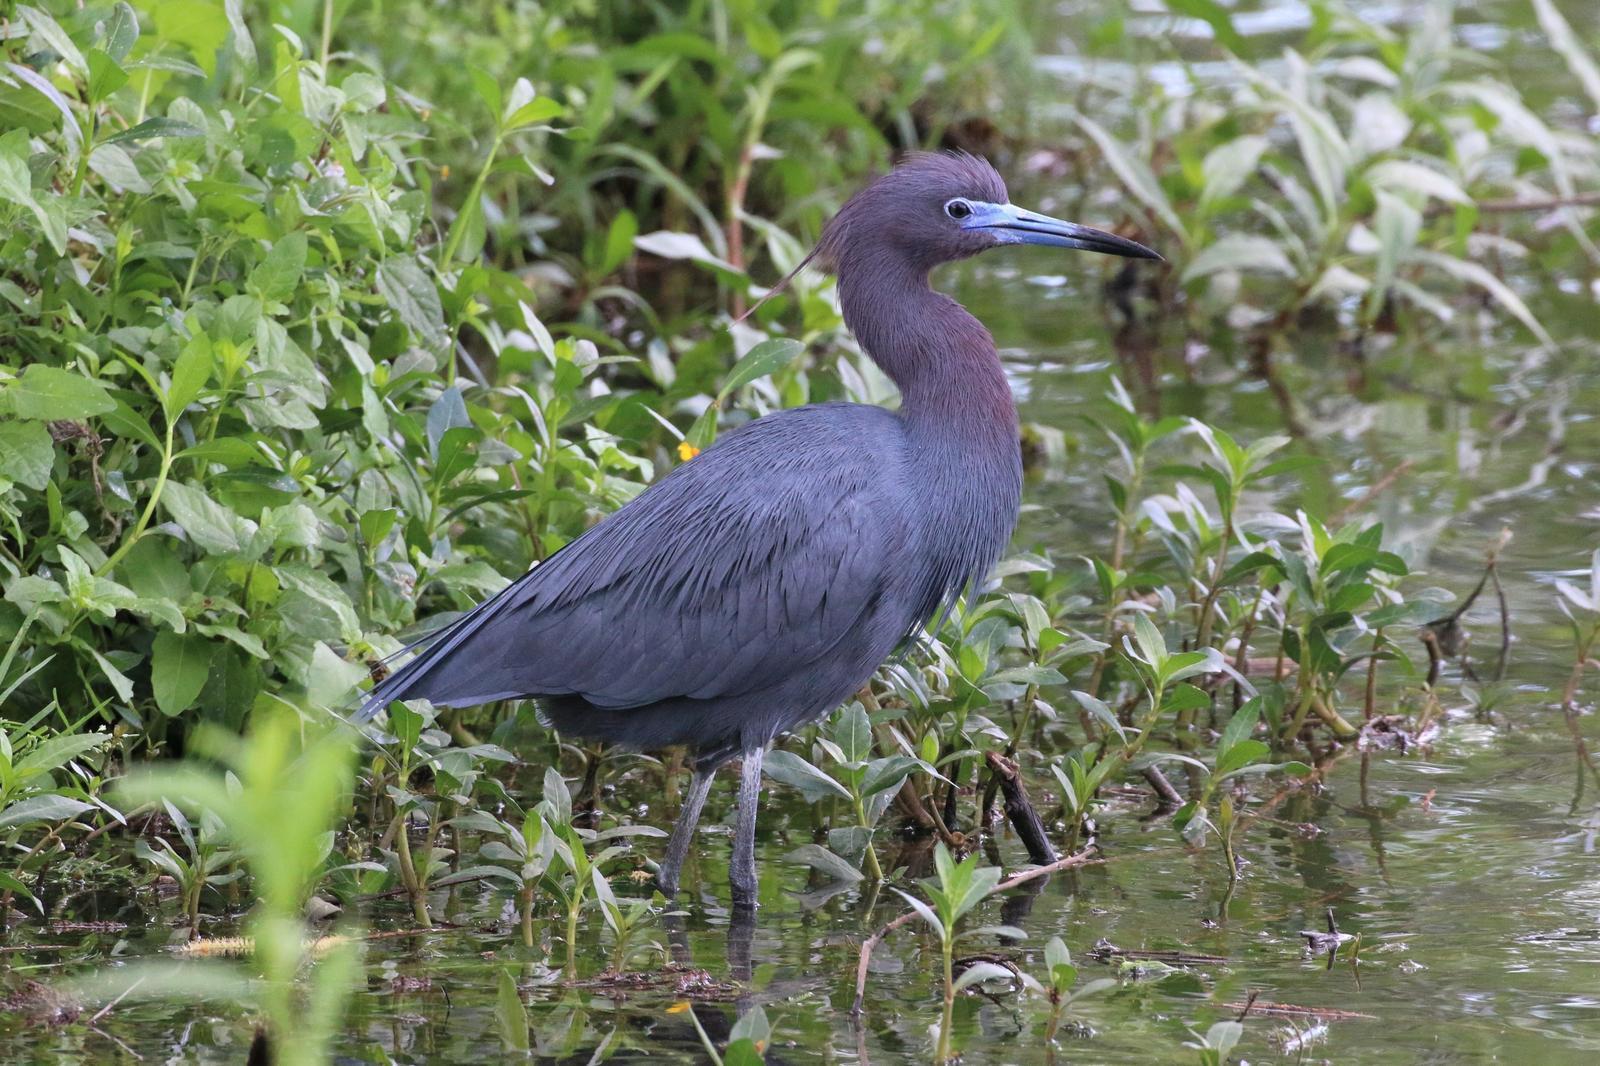 Little Blue Heron Photo by Richard Jeffers